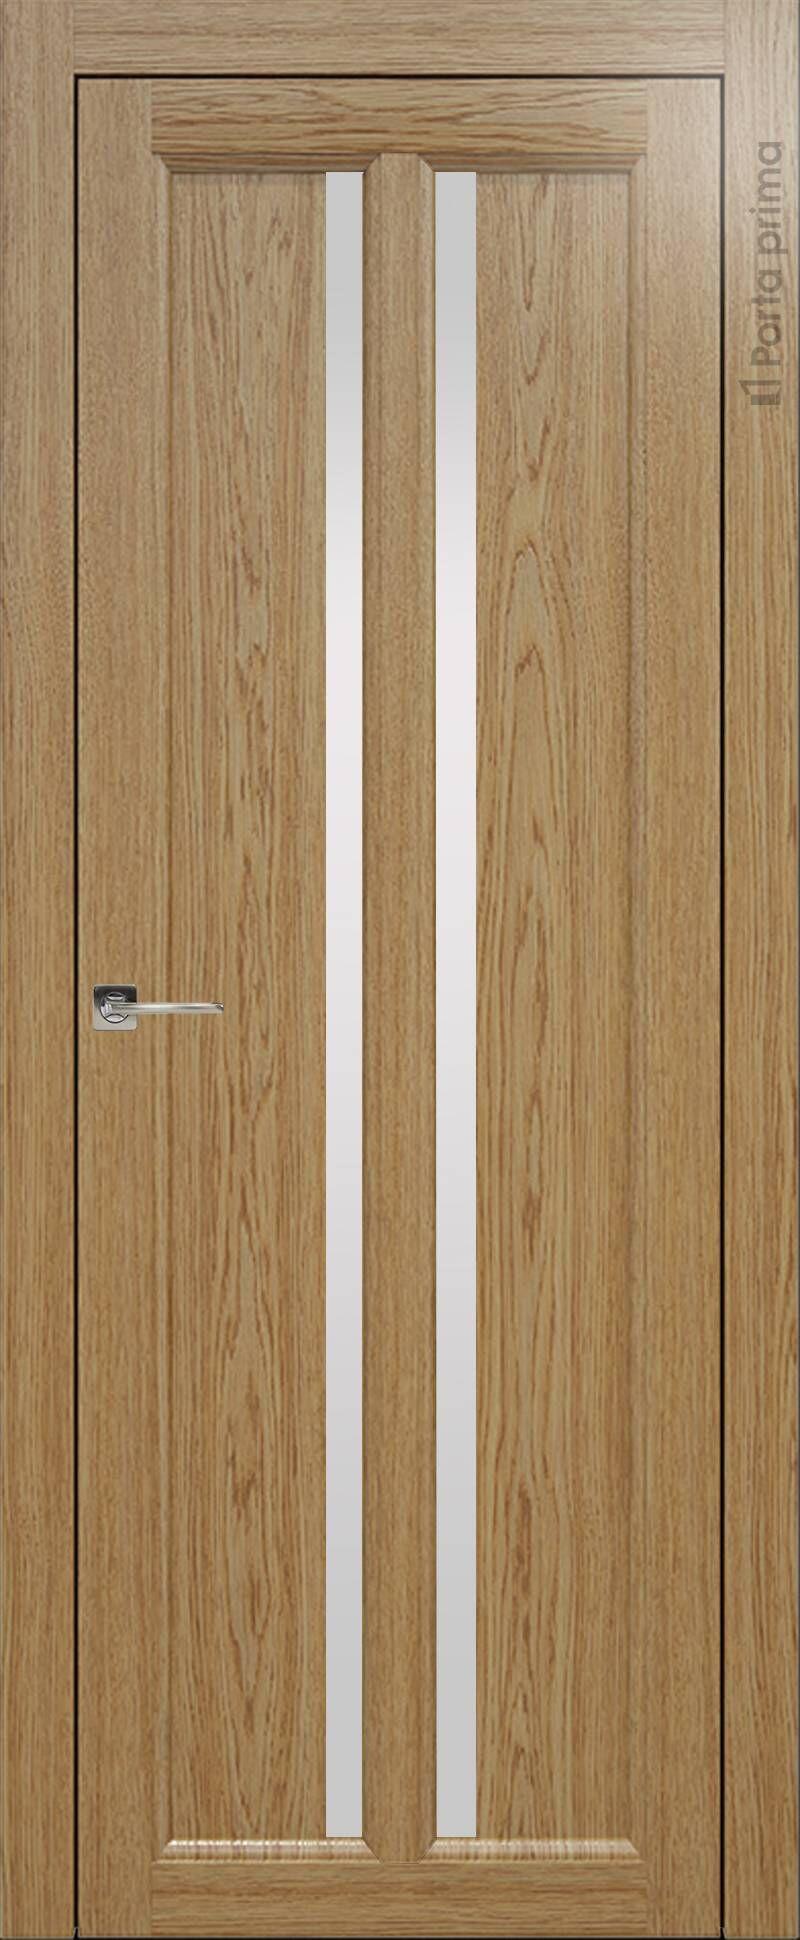 Sorrento-R Е4 цвет - Дуб карамель Без стекла (ДГ)